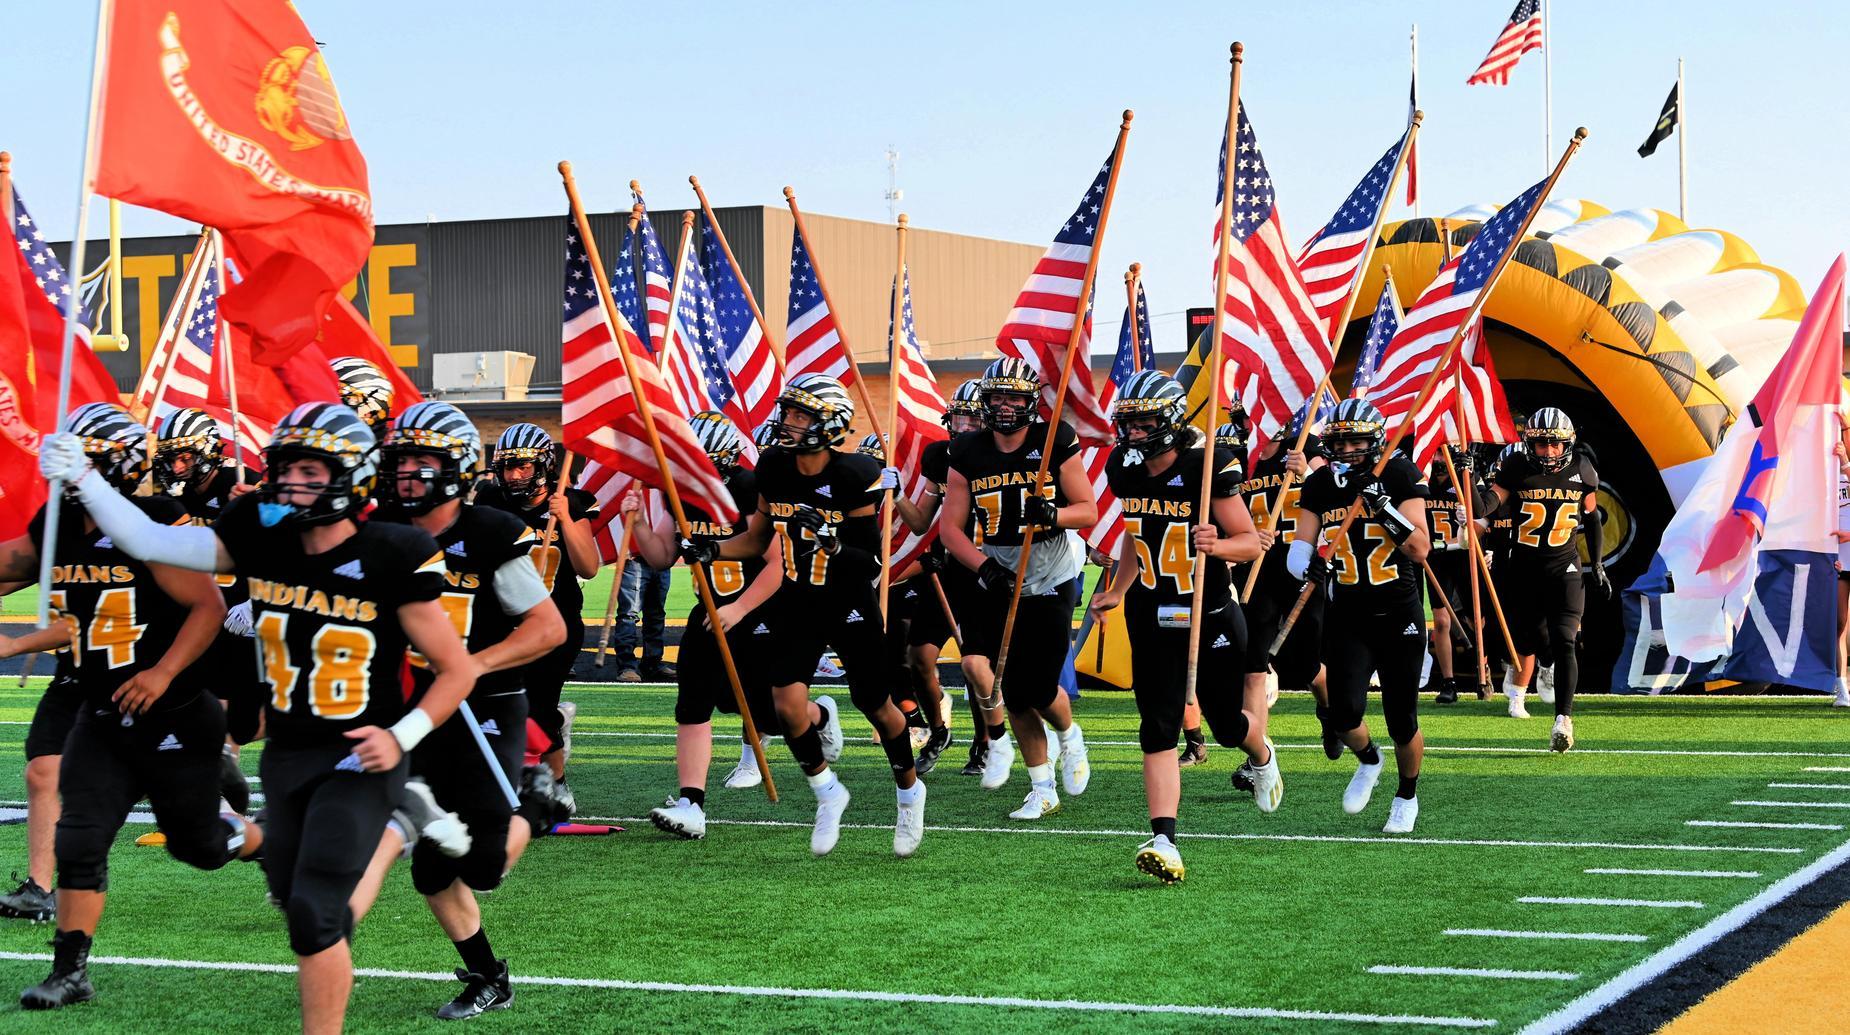 football boys with flags